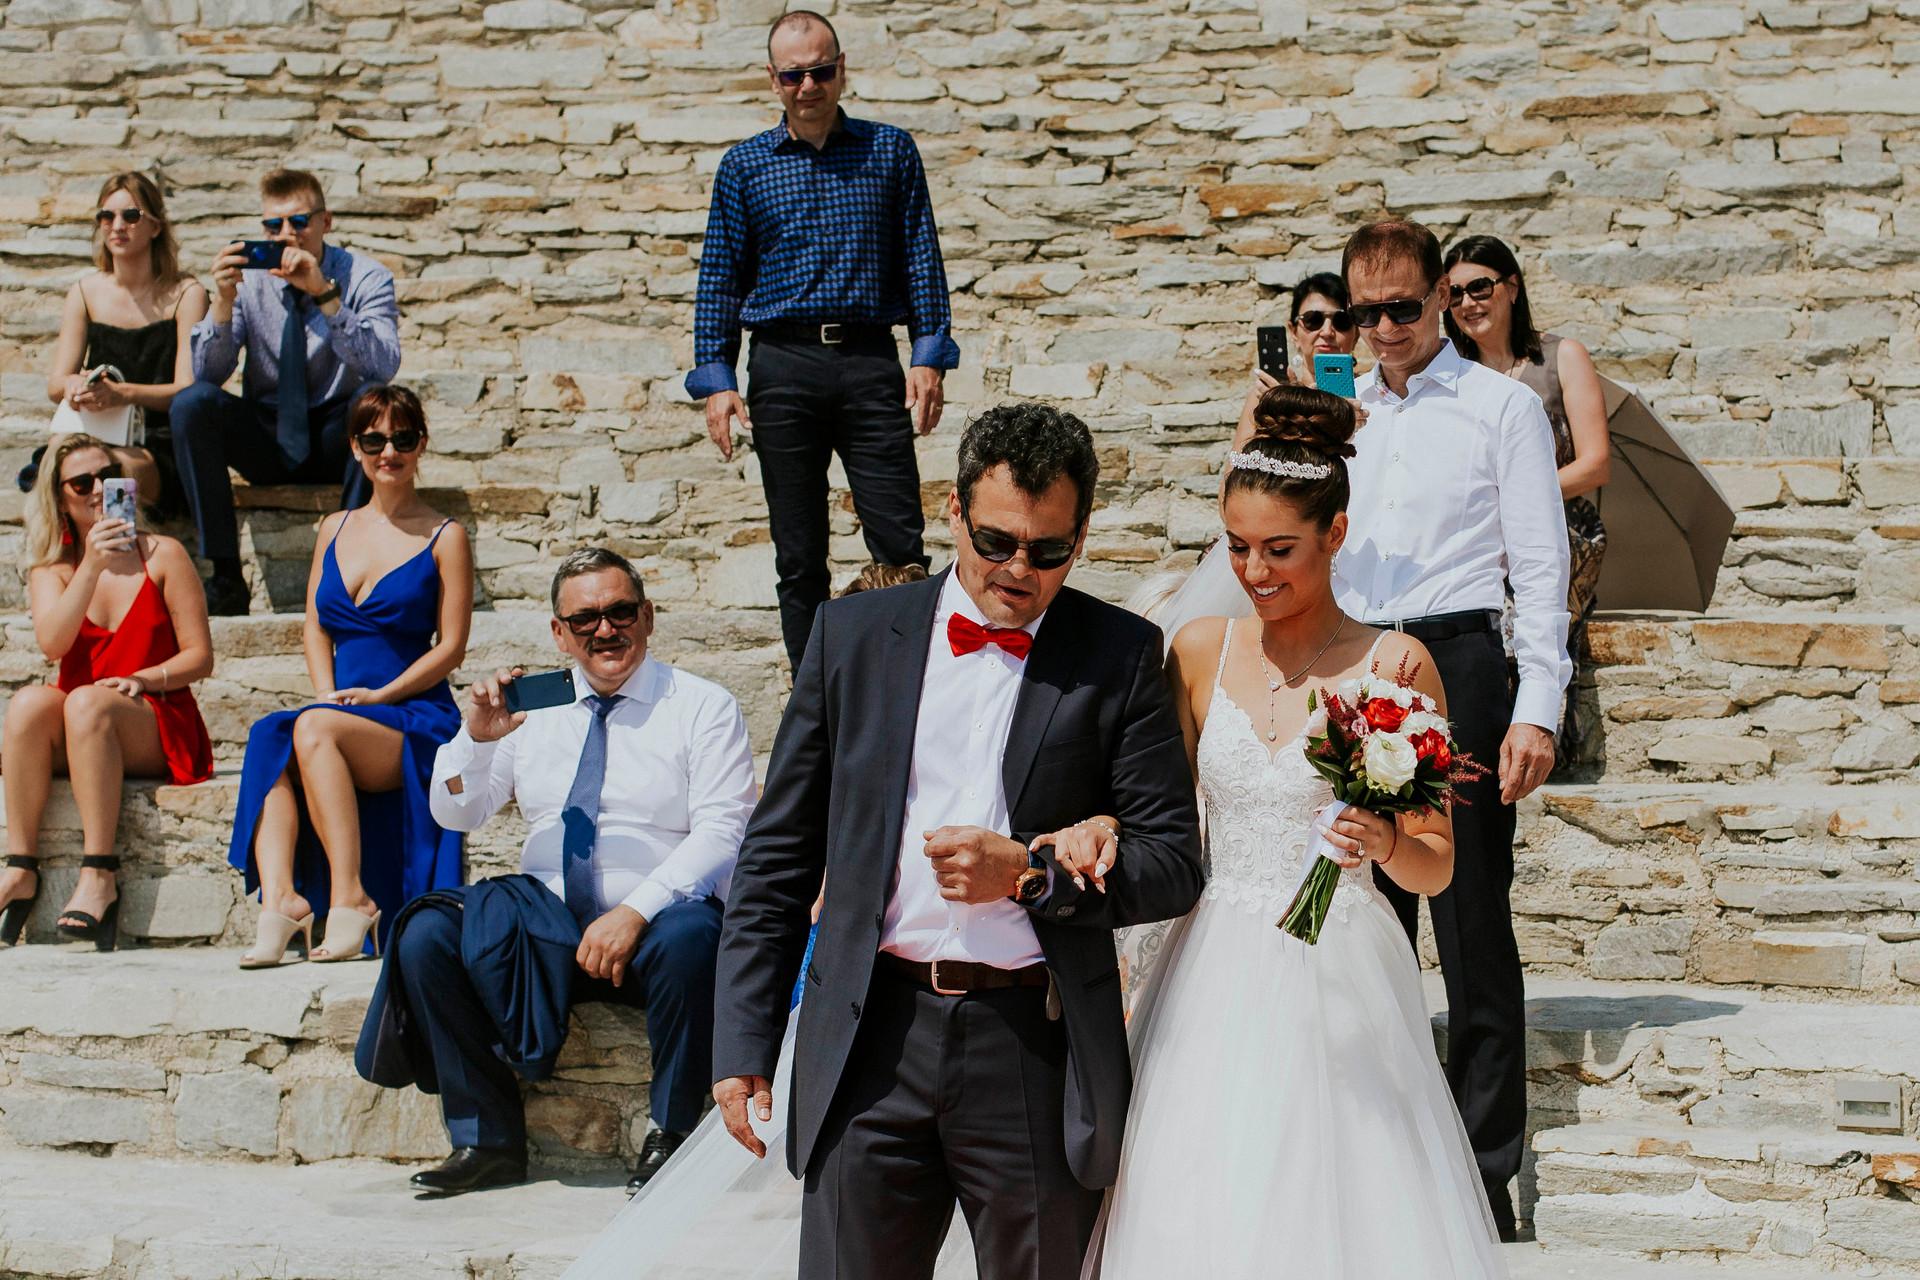 Wedding at Paros Greece-50.jpg